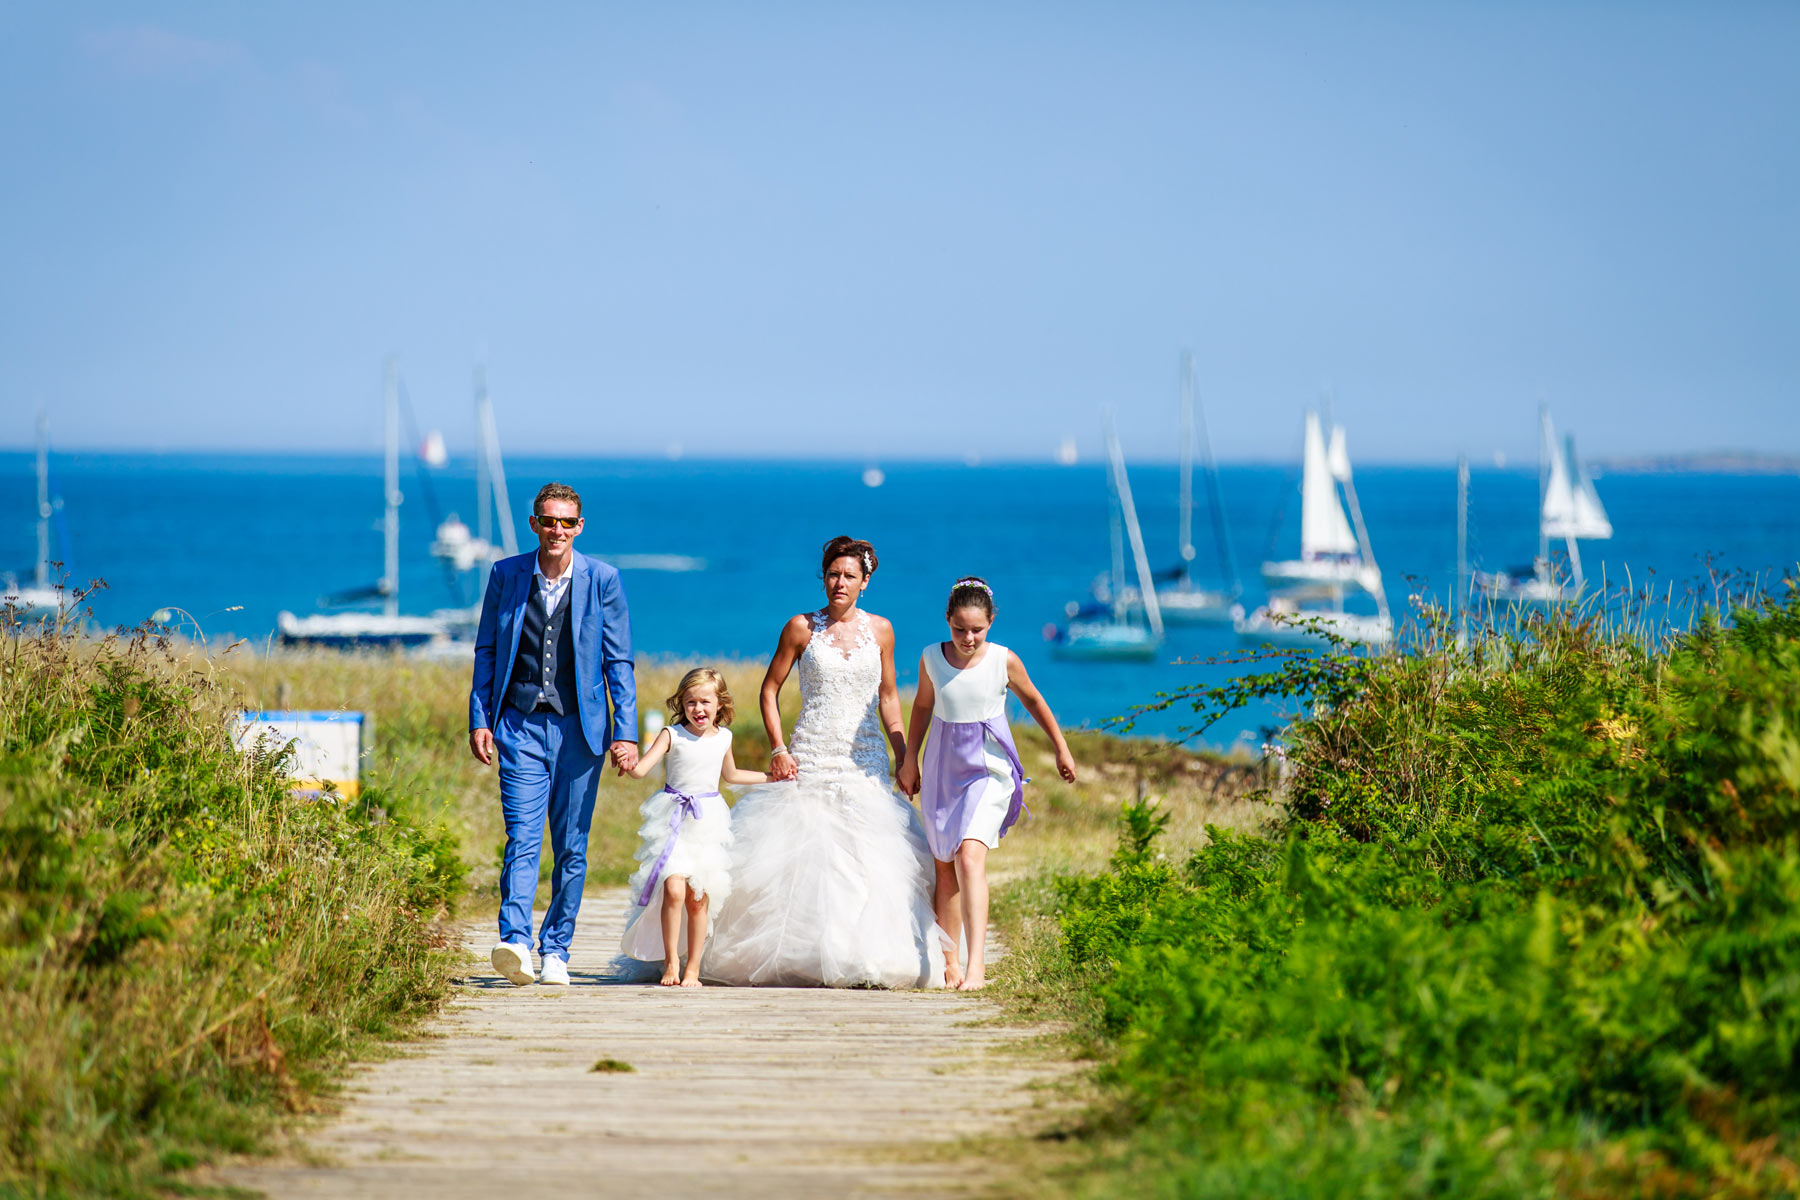 Reportage photo de mariage  Ile de Houat  , photographe mariage morbihan avec le photographe nils dessale